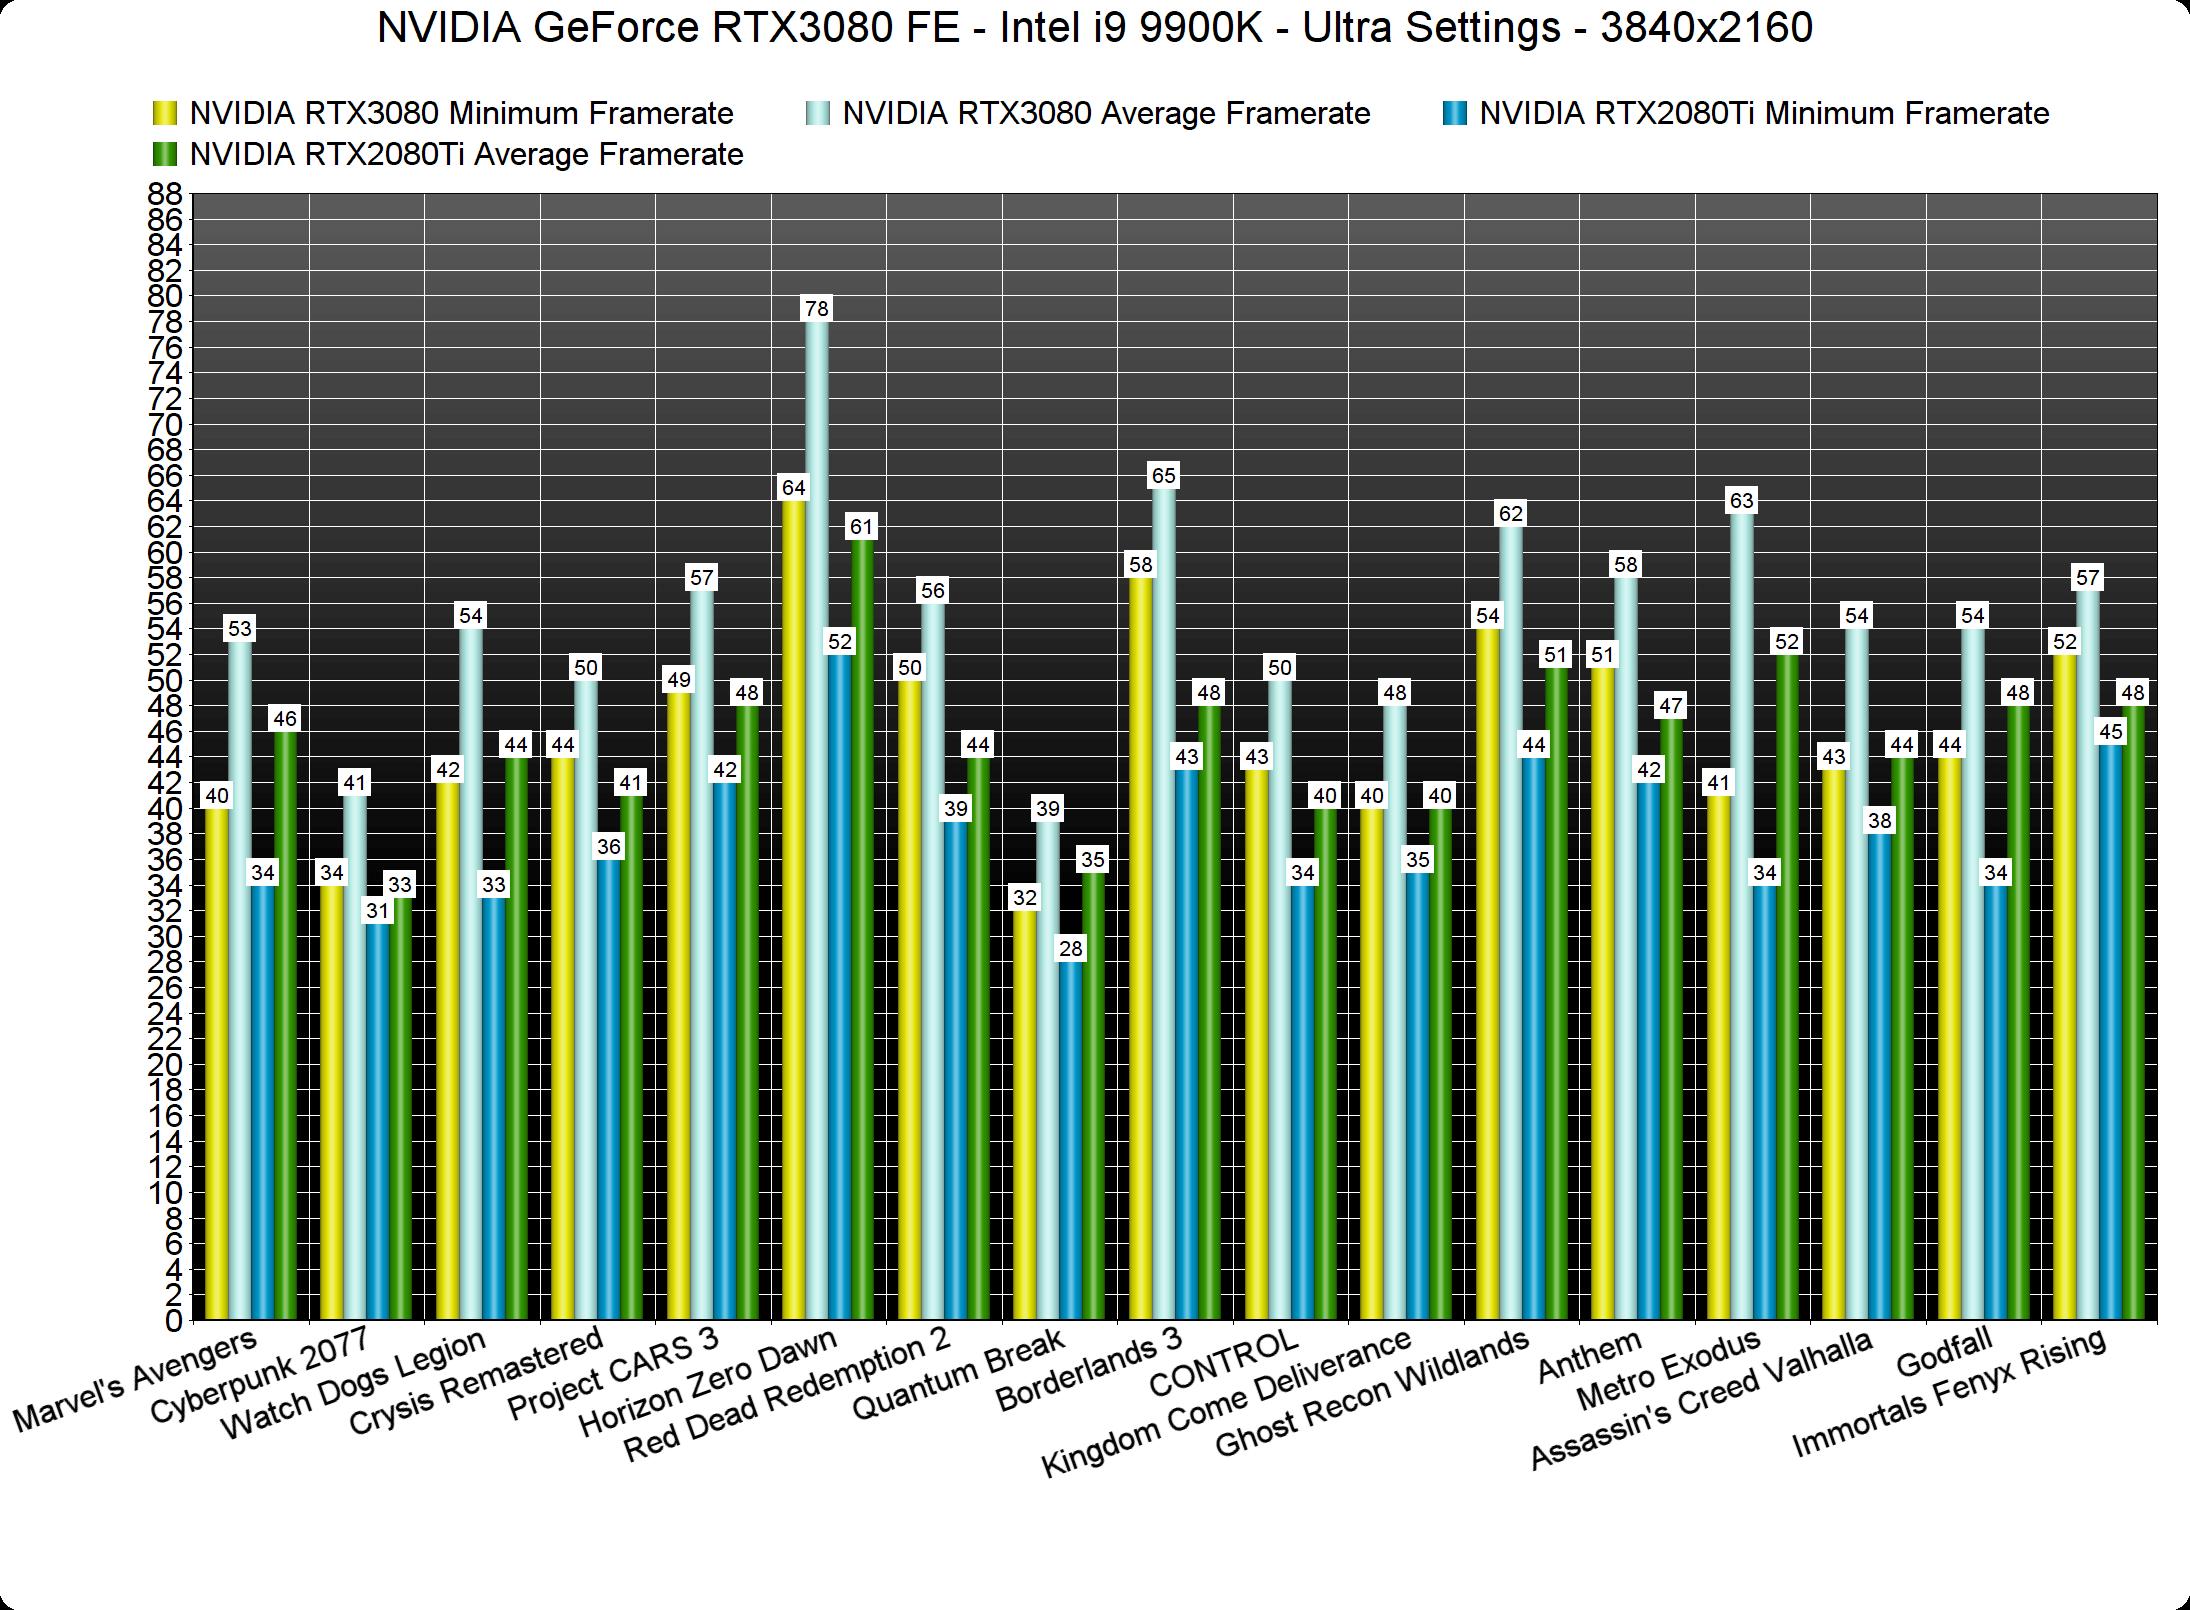 NVIDIA GeForce RTX3080 vs RTX2080Ti 4K benchmarks